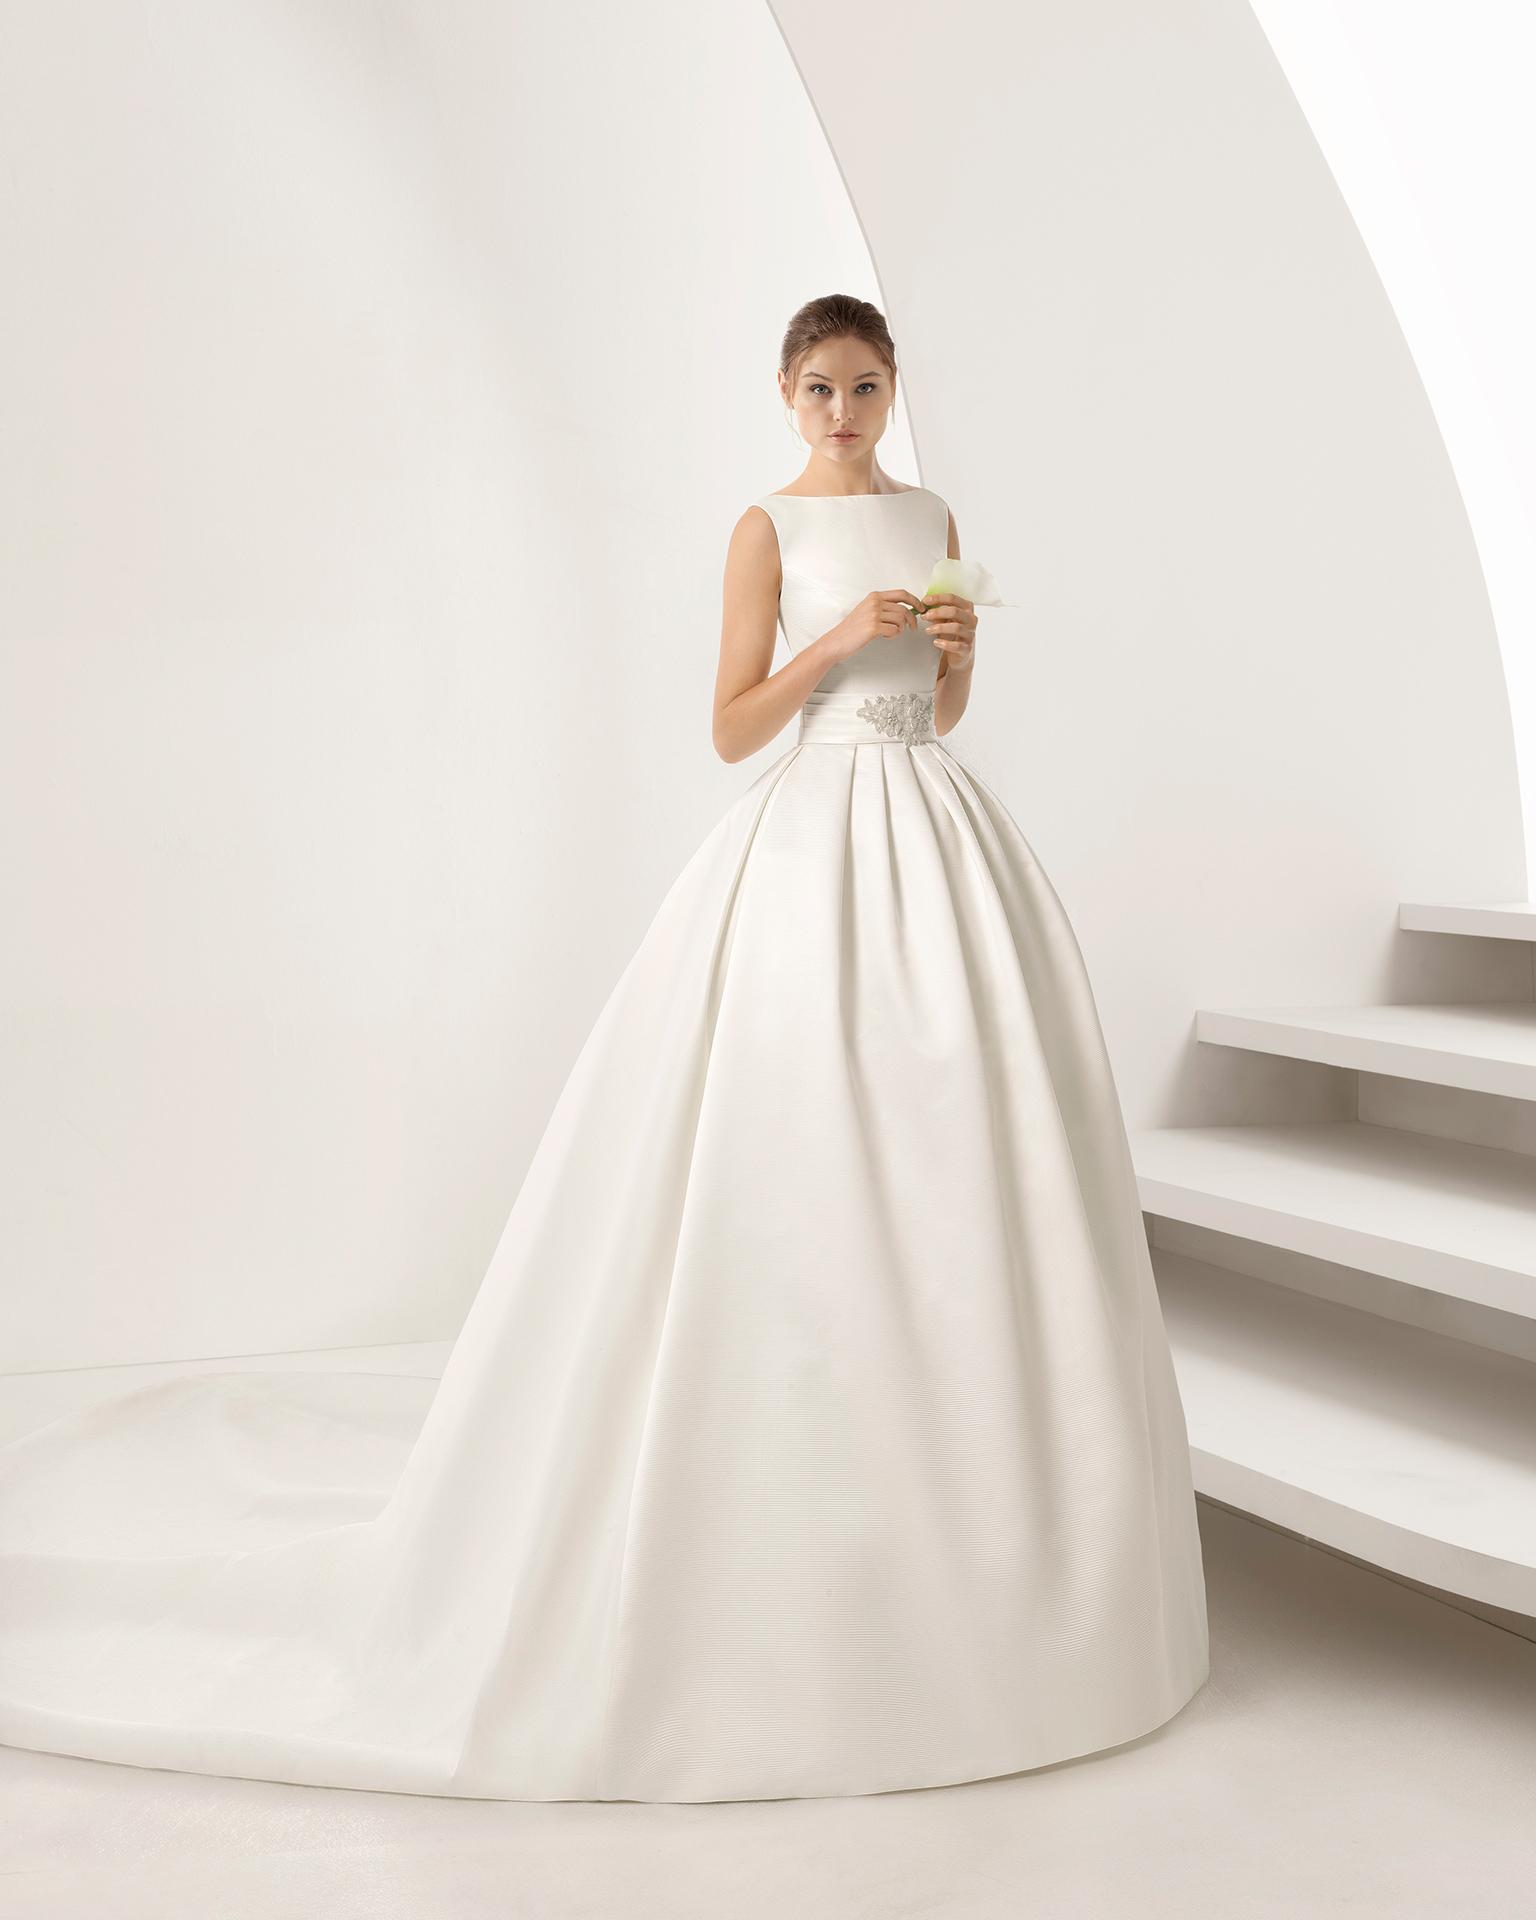 OPULENTO - Rosa Clará - Vestidos de novia y fiesta